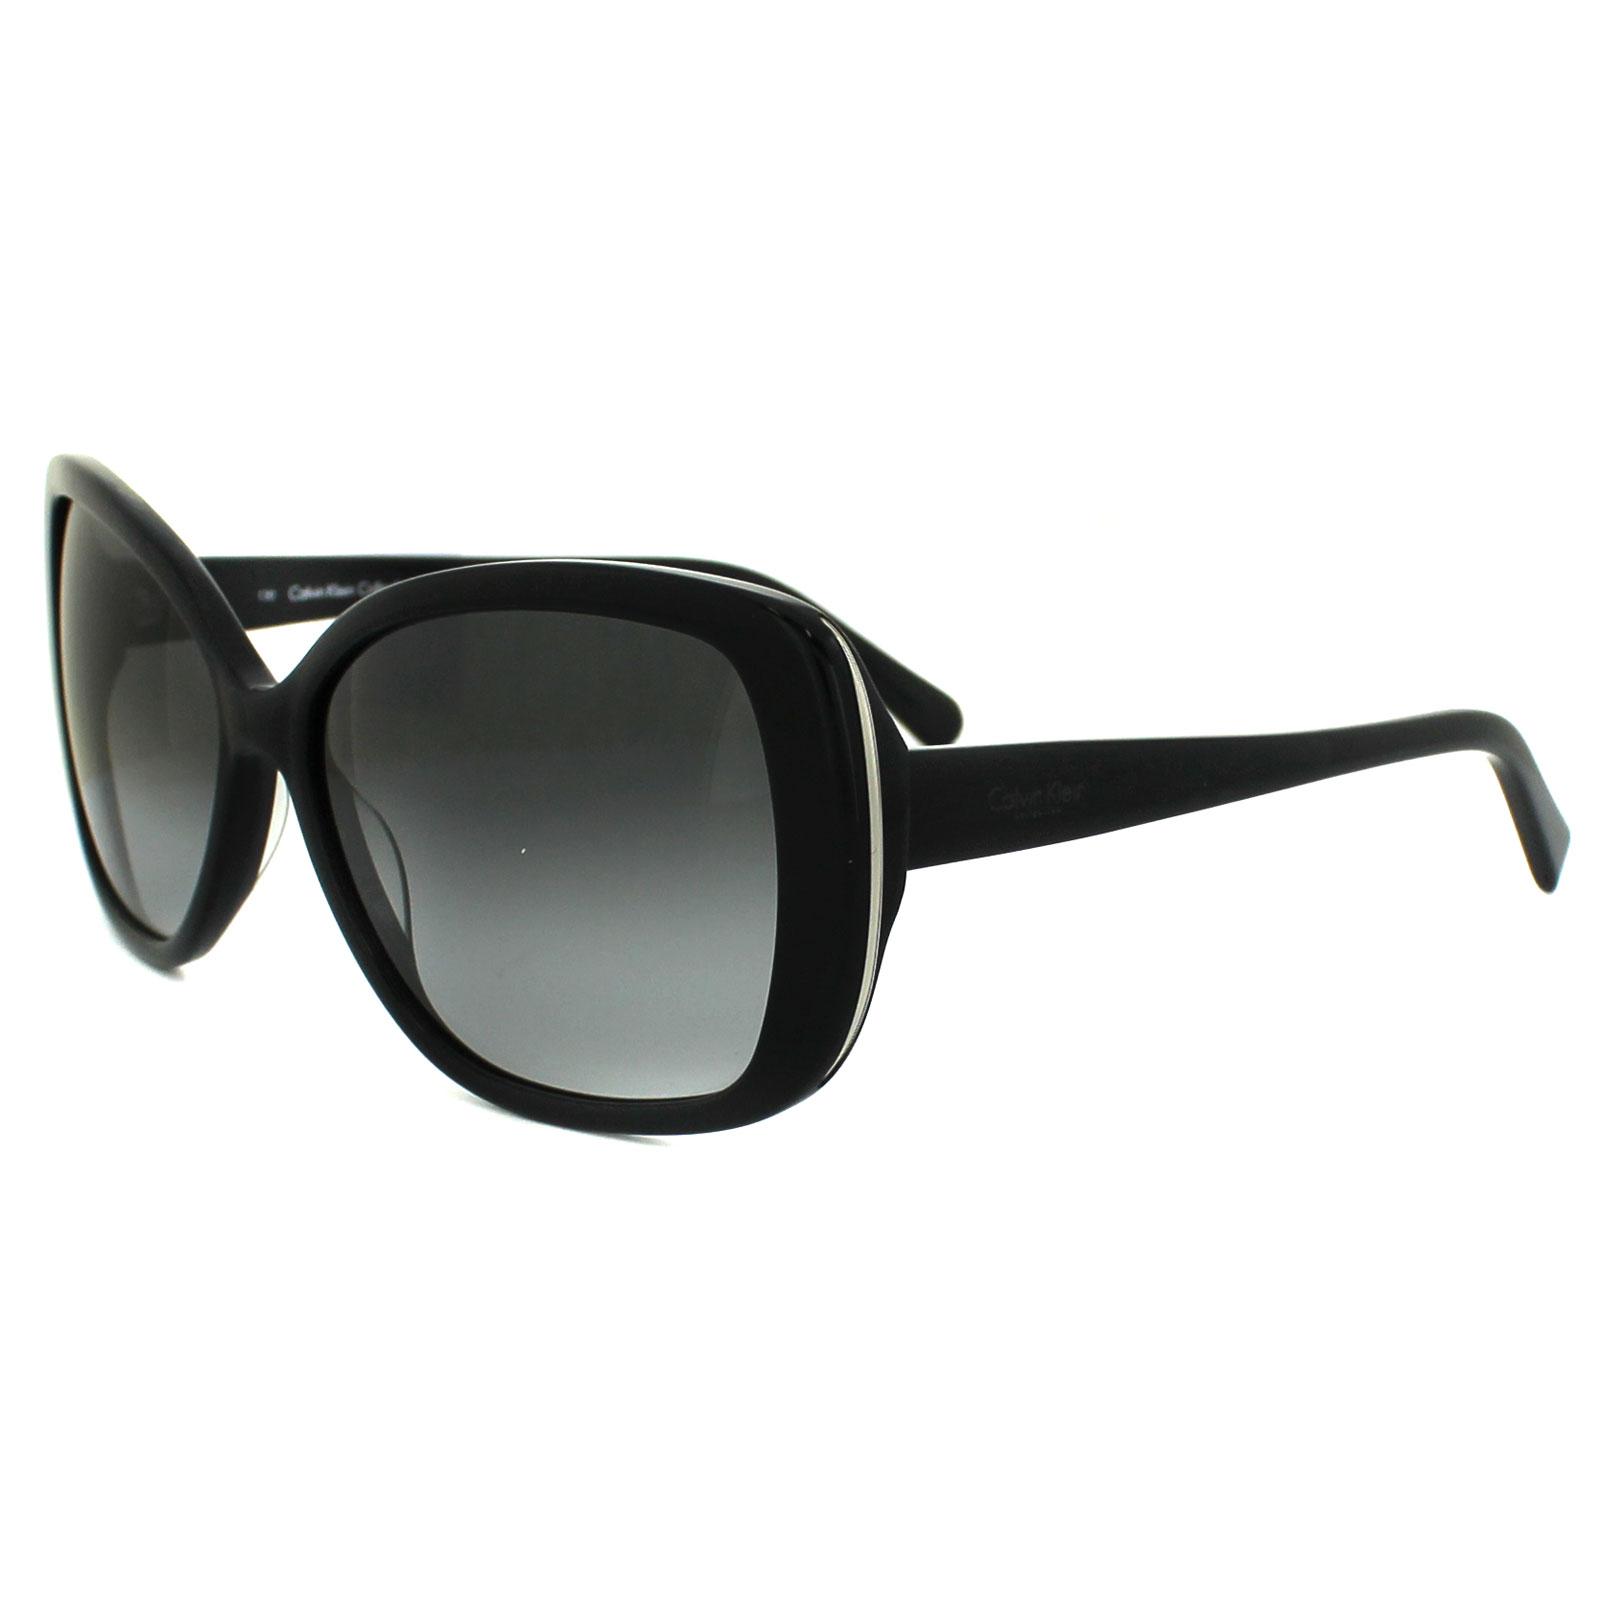 calvin klein sonnenbrille 7859s 001 schwarz grau verlauf ebay. Black Bedroom Furniture Sets. Home Design Ideas